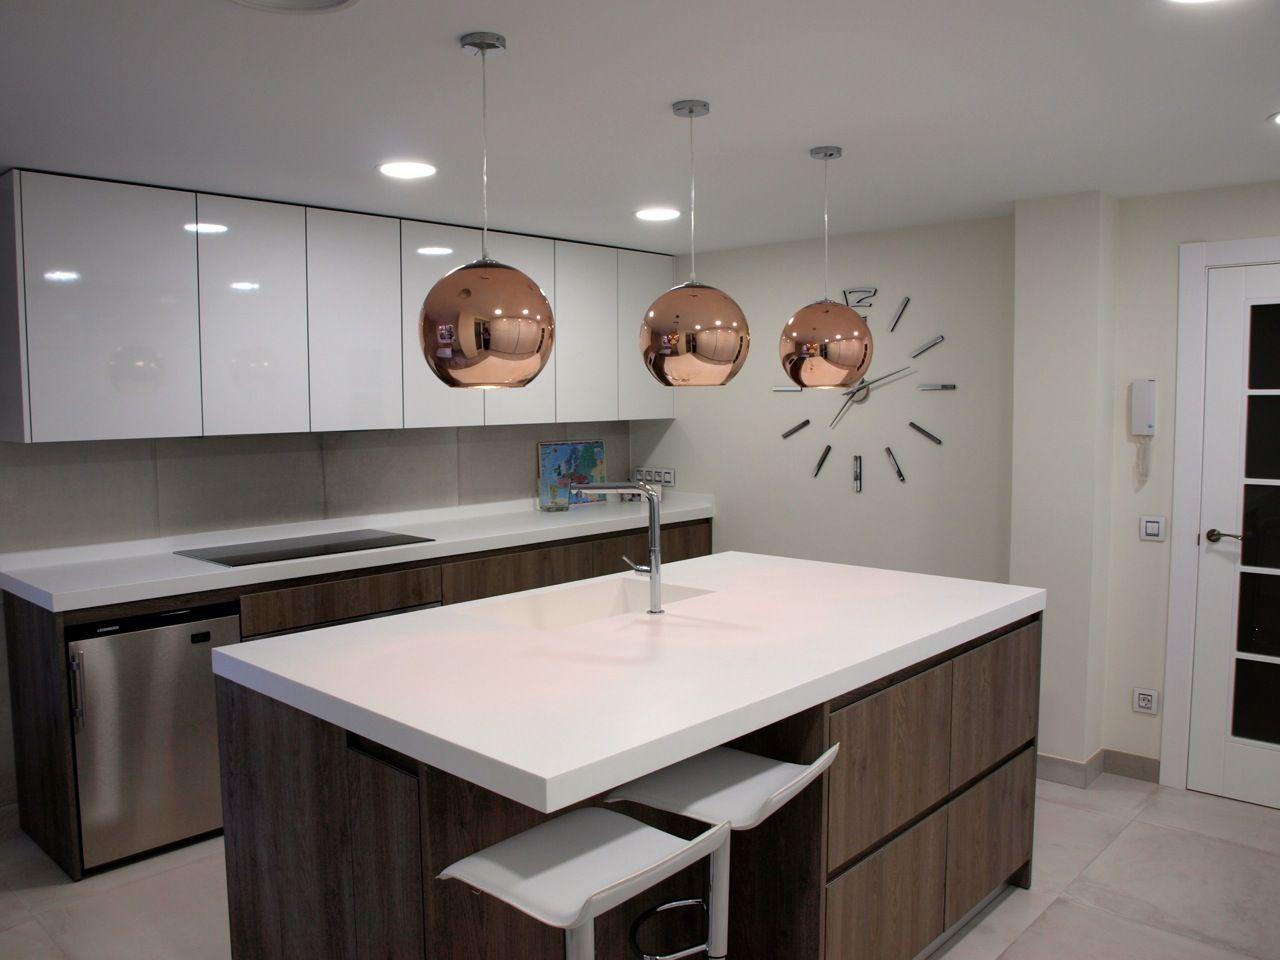 Blanco muebles de cocina con encimeras de color gris oscuro - Preciosa Cocina Con Los Muebles Bajos Formica Gran Calidad Laminado Mate Con Encimera De Cuarzo Blanco